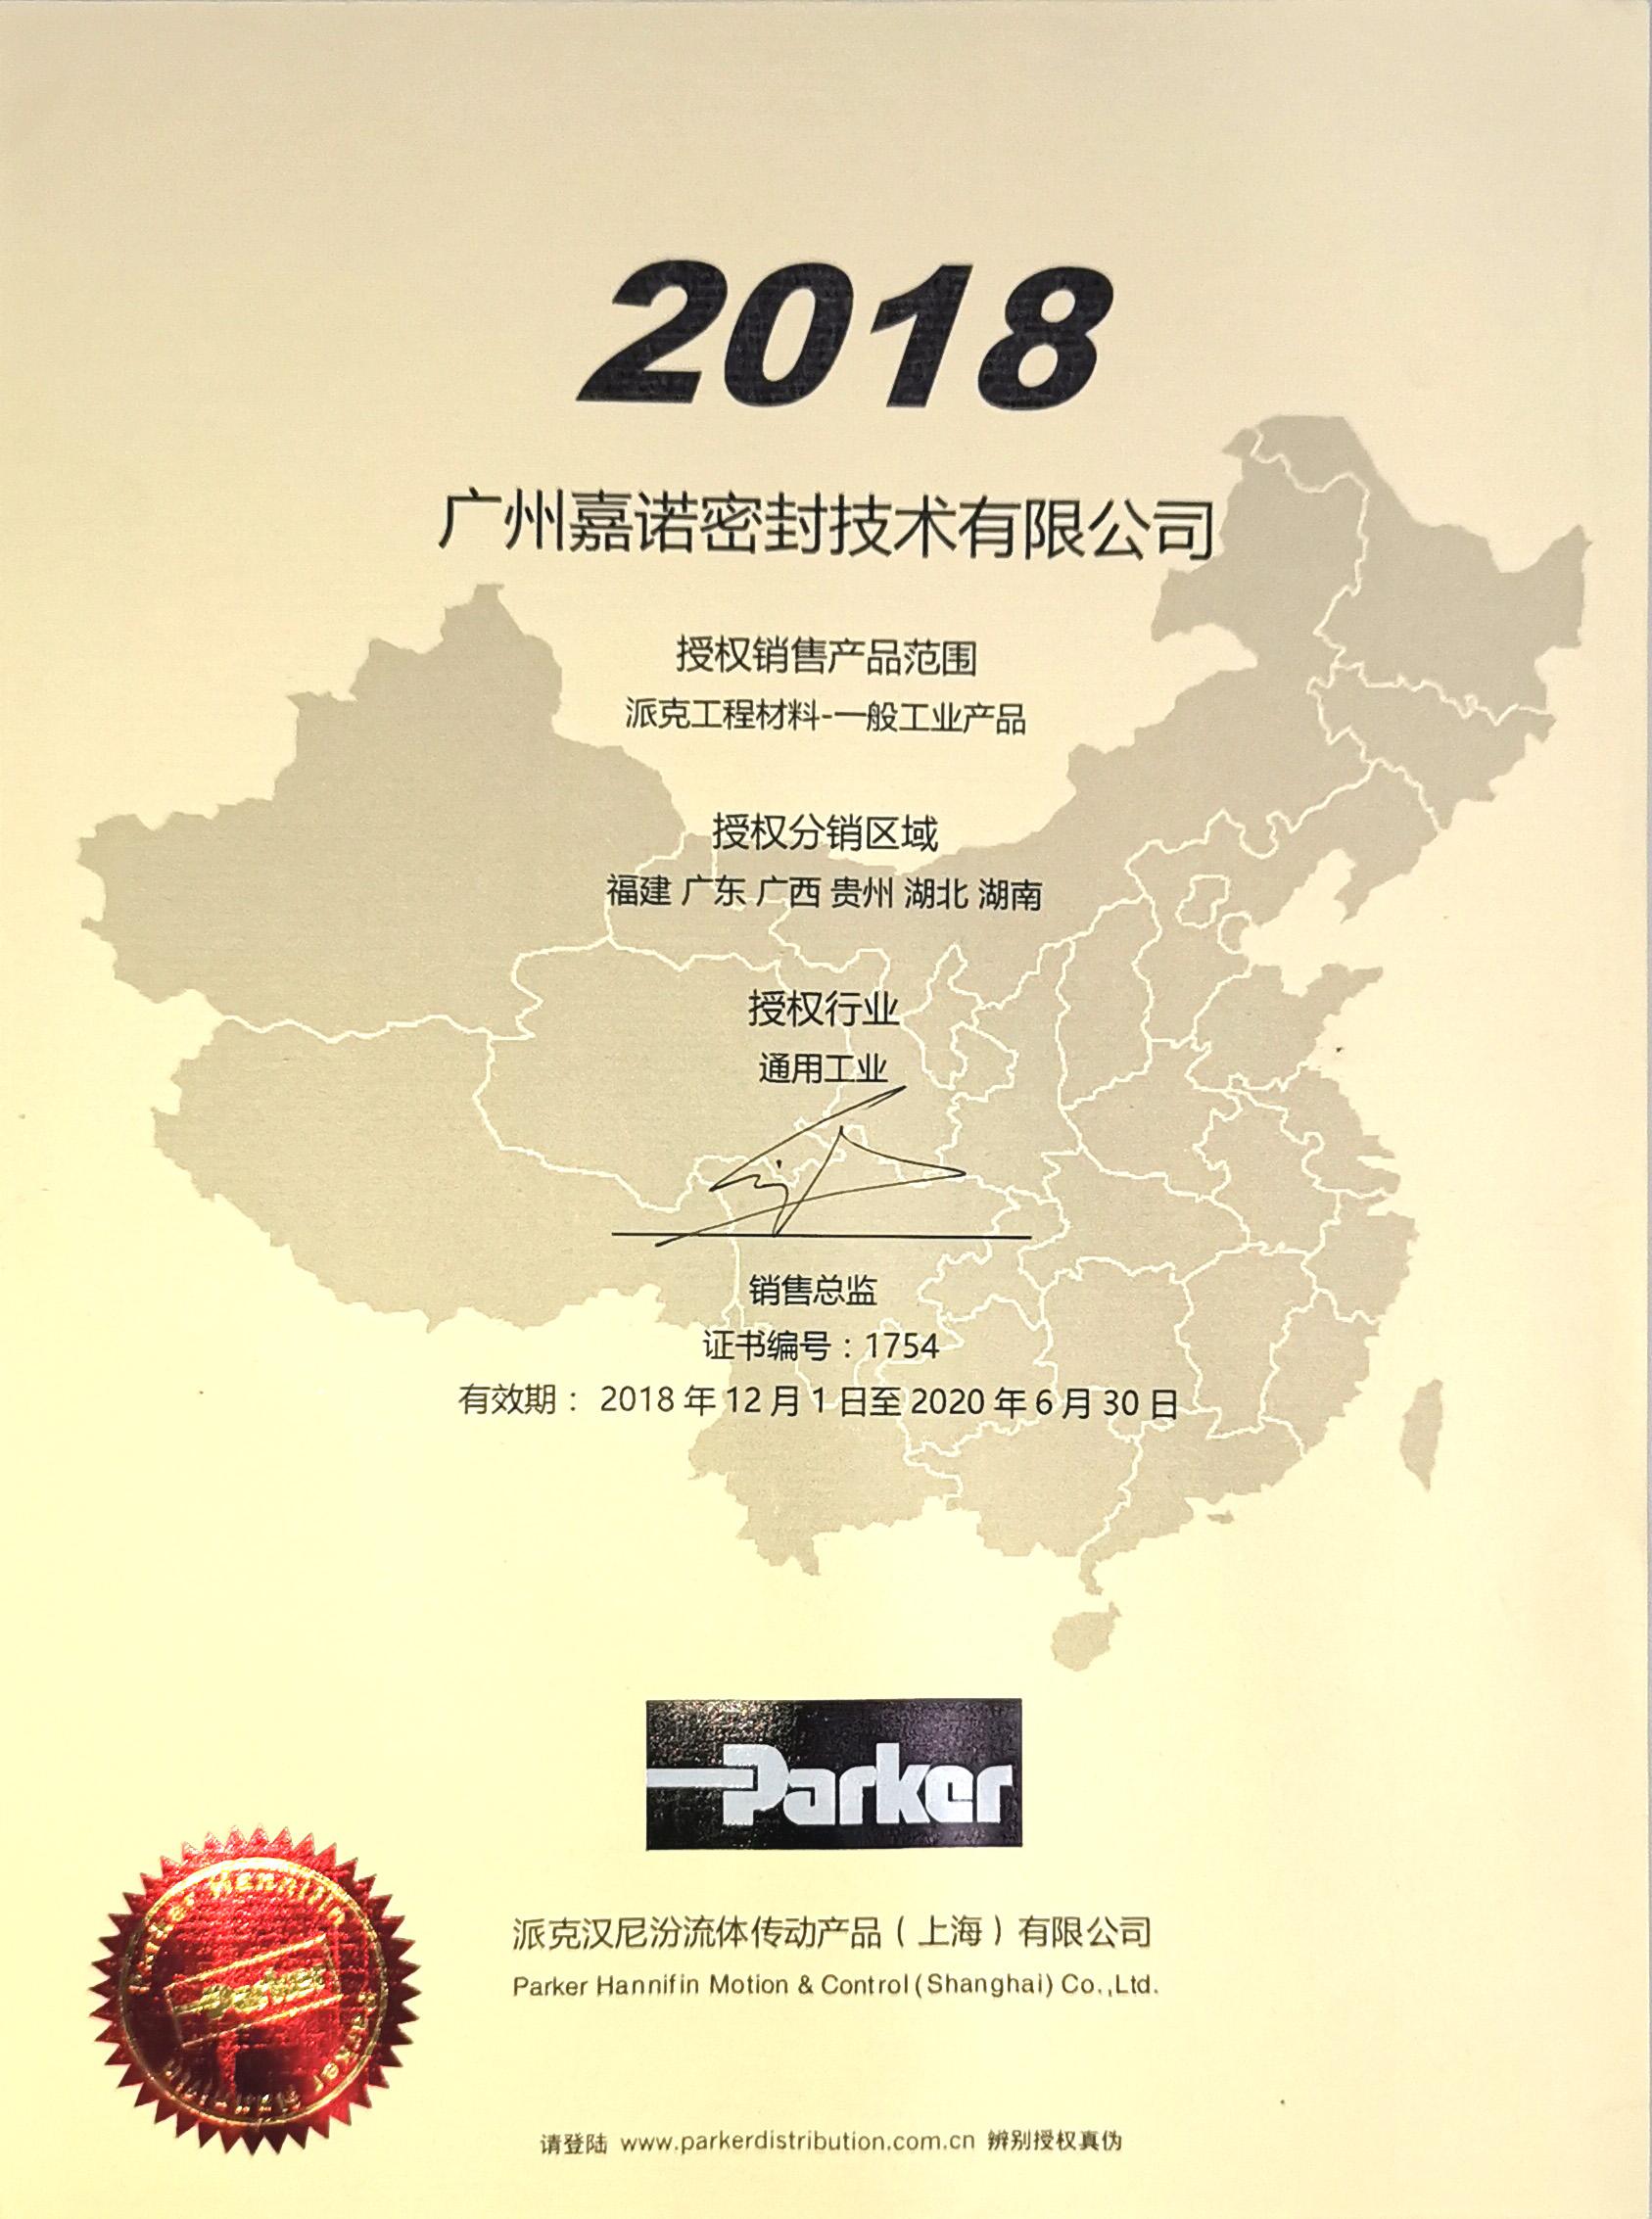 廣州密封_代理證20200630